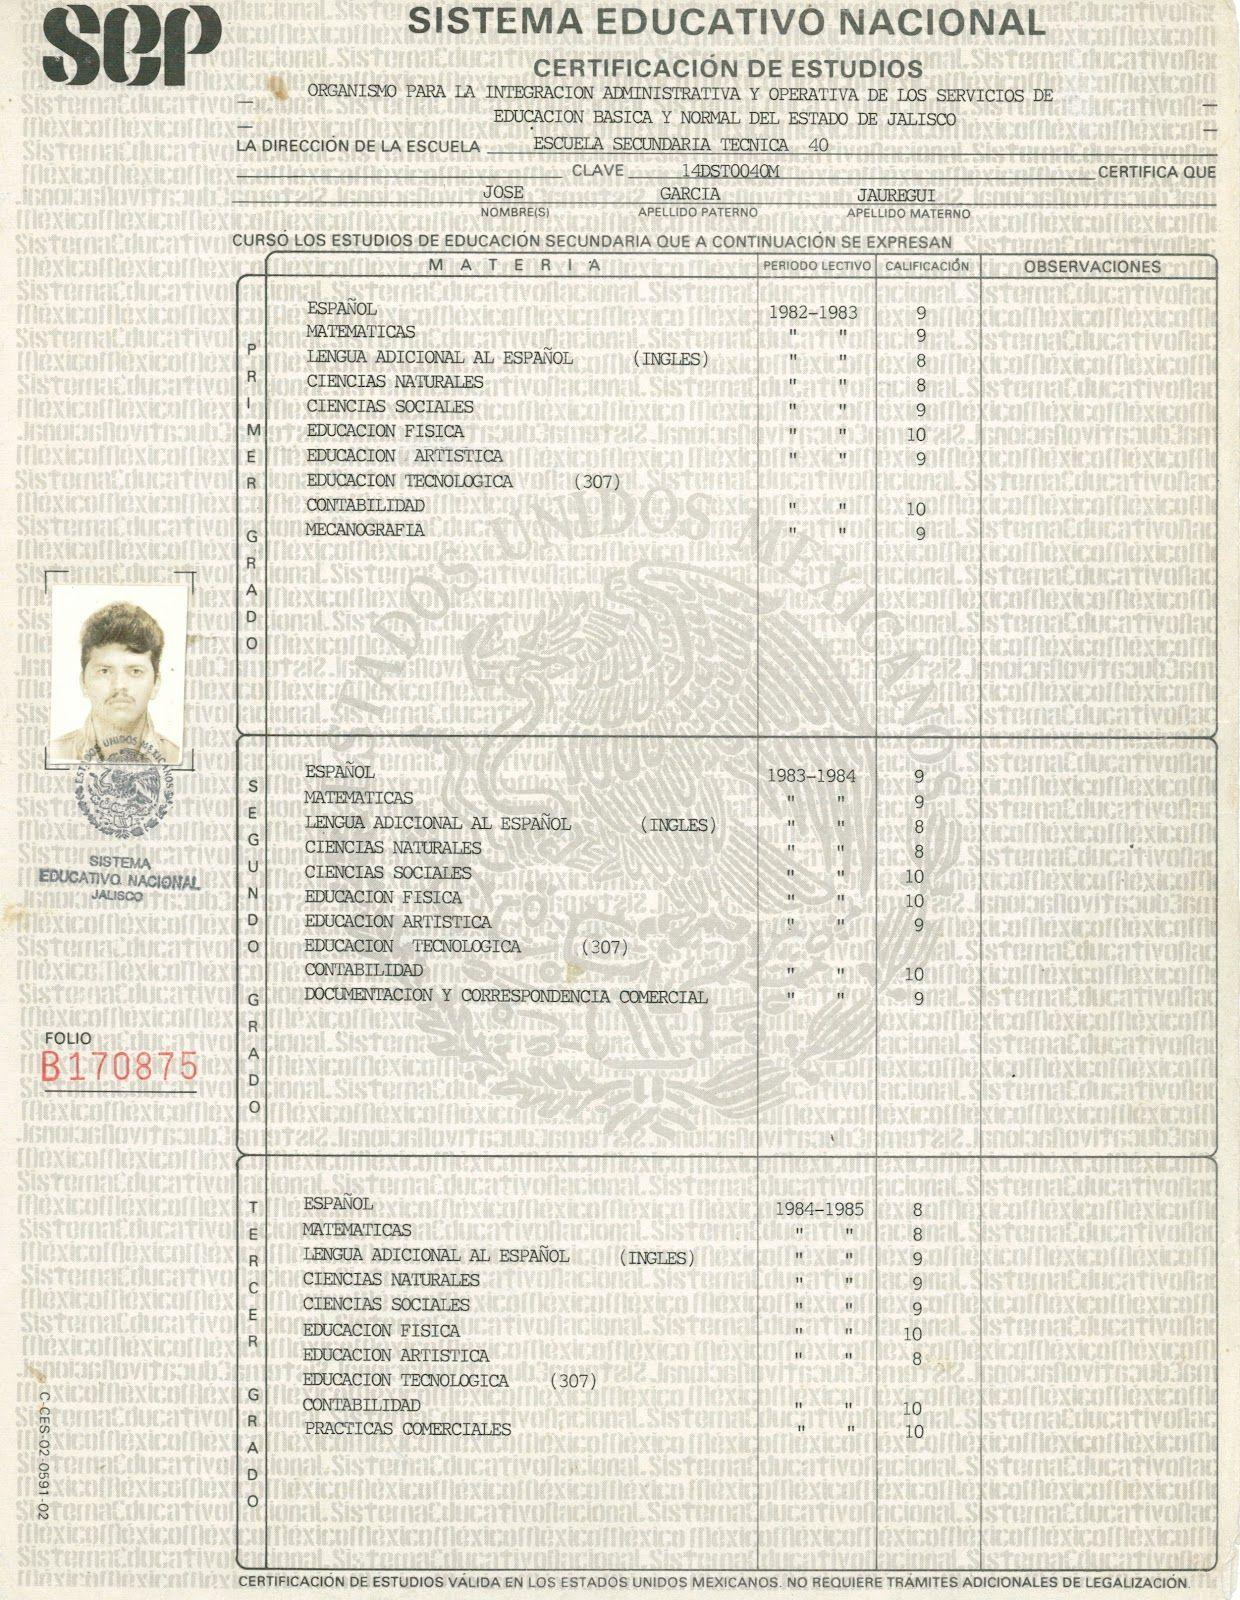 Curriculum Vitae: Jose Garcia Jauregui.: CERTIFICADO DE SECUNDARIA ...